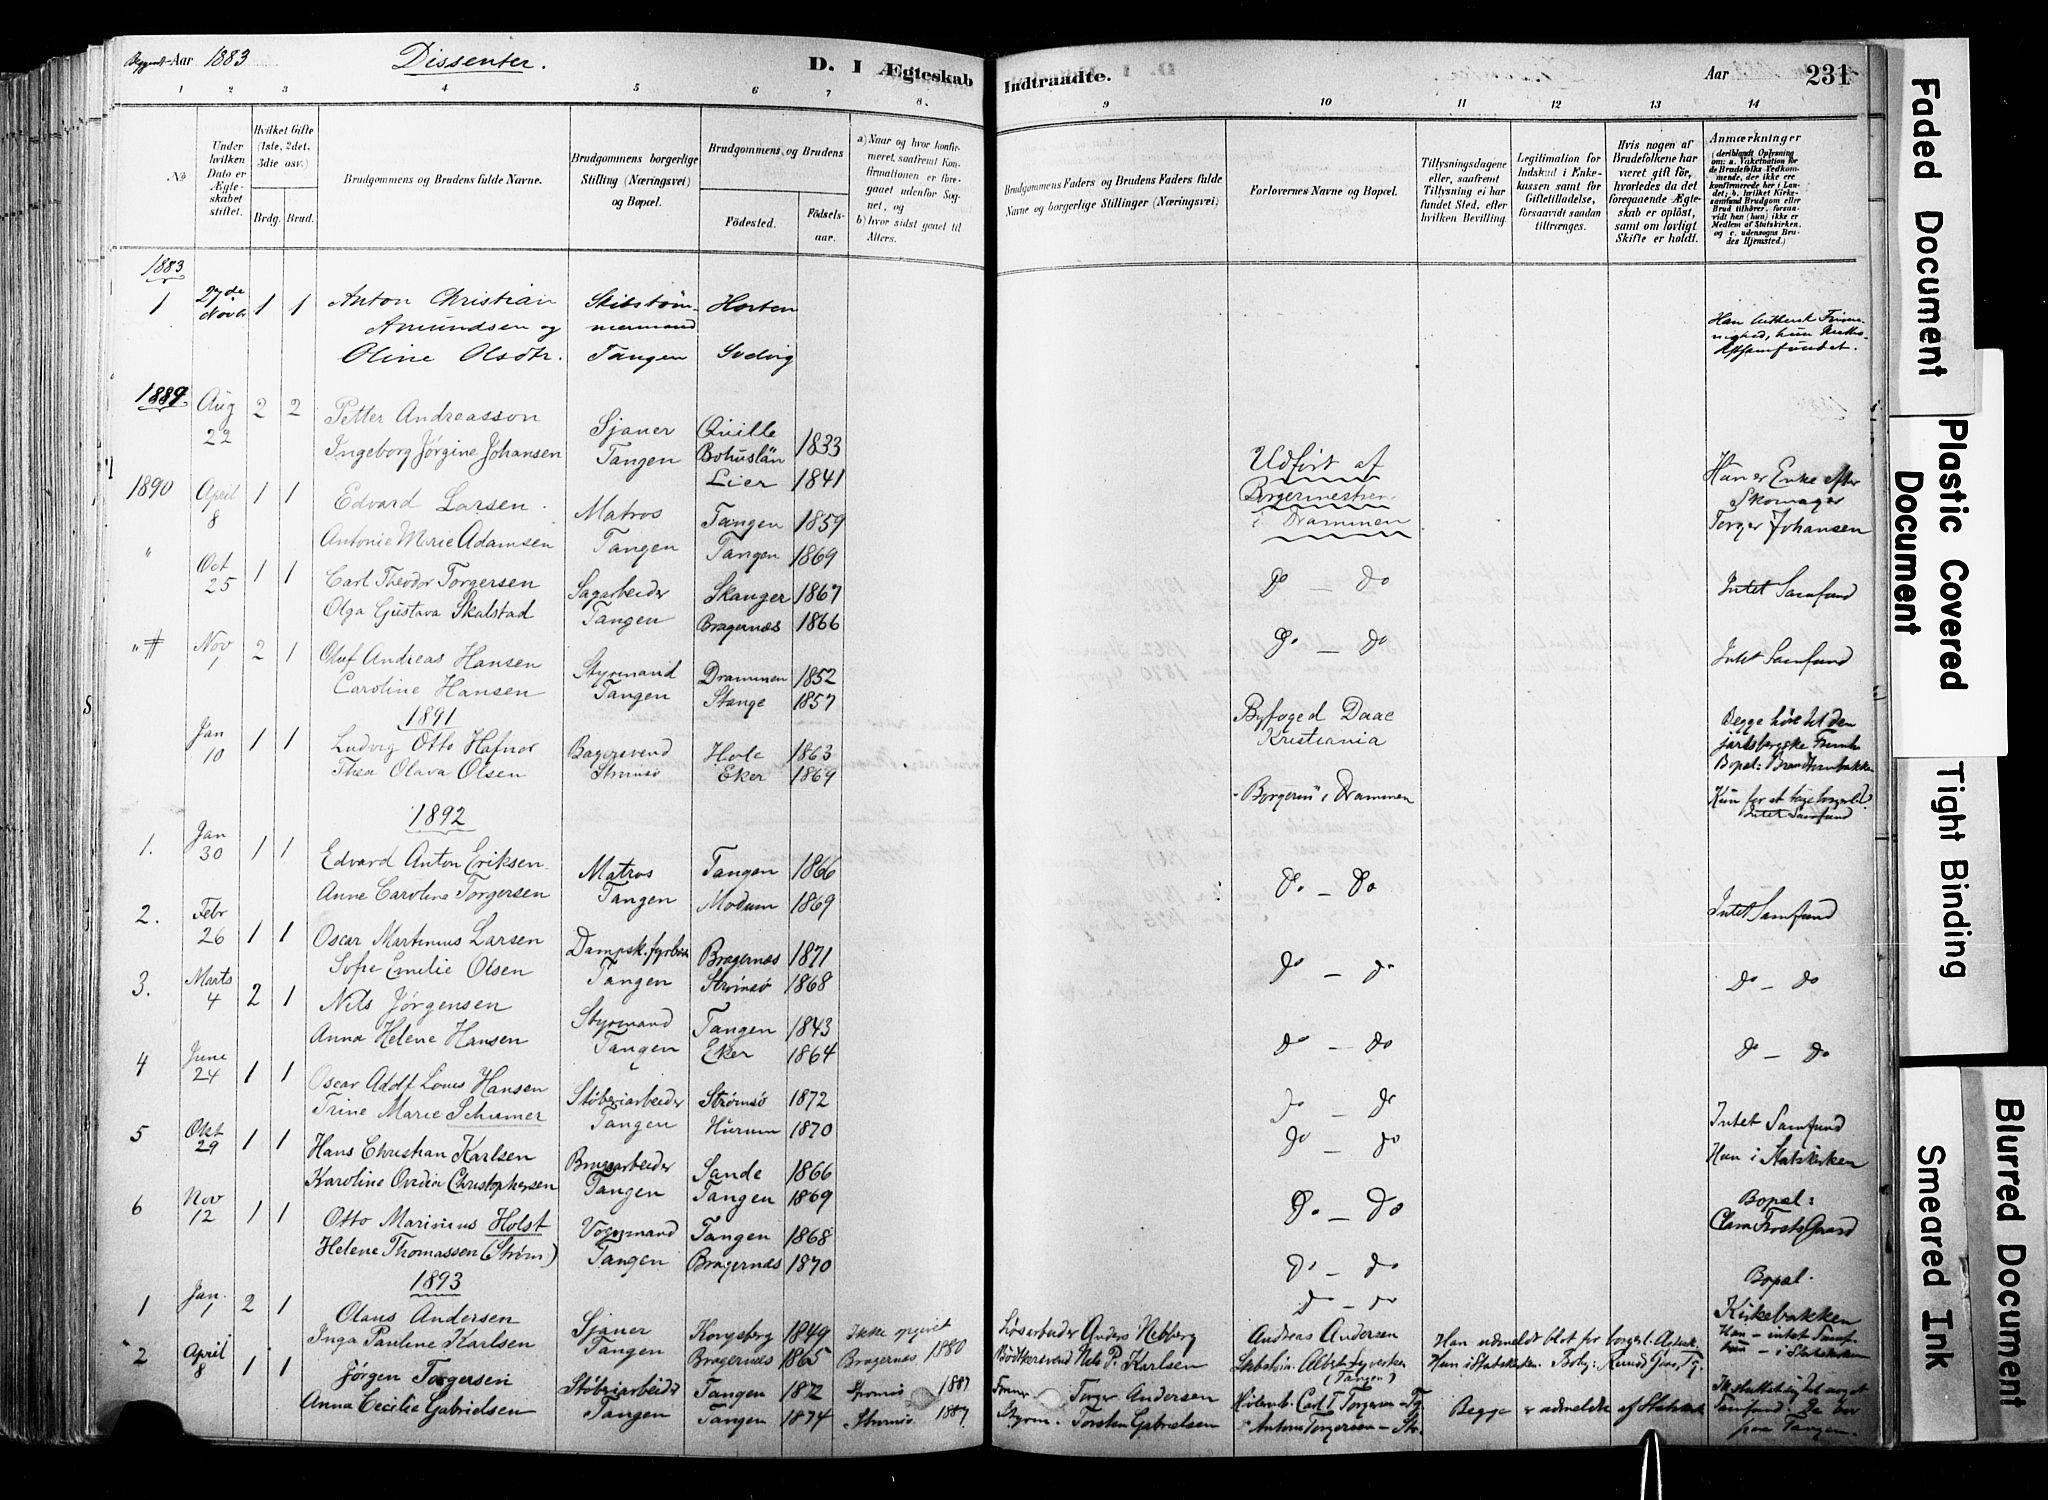 SAKO, Strømsø kirkebøker, F/Fb/L0006: Ministerialbok nr. II 6, 1879-1910, s. 231